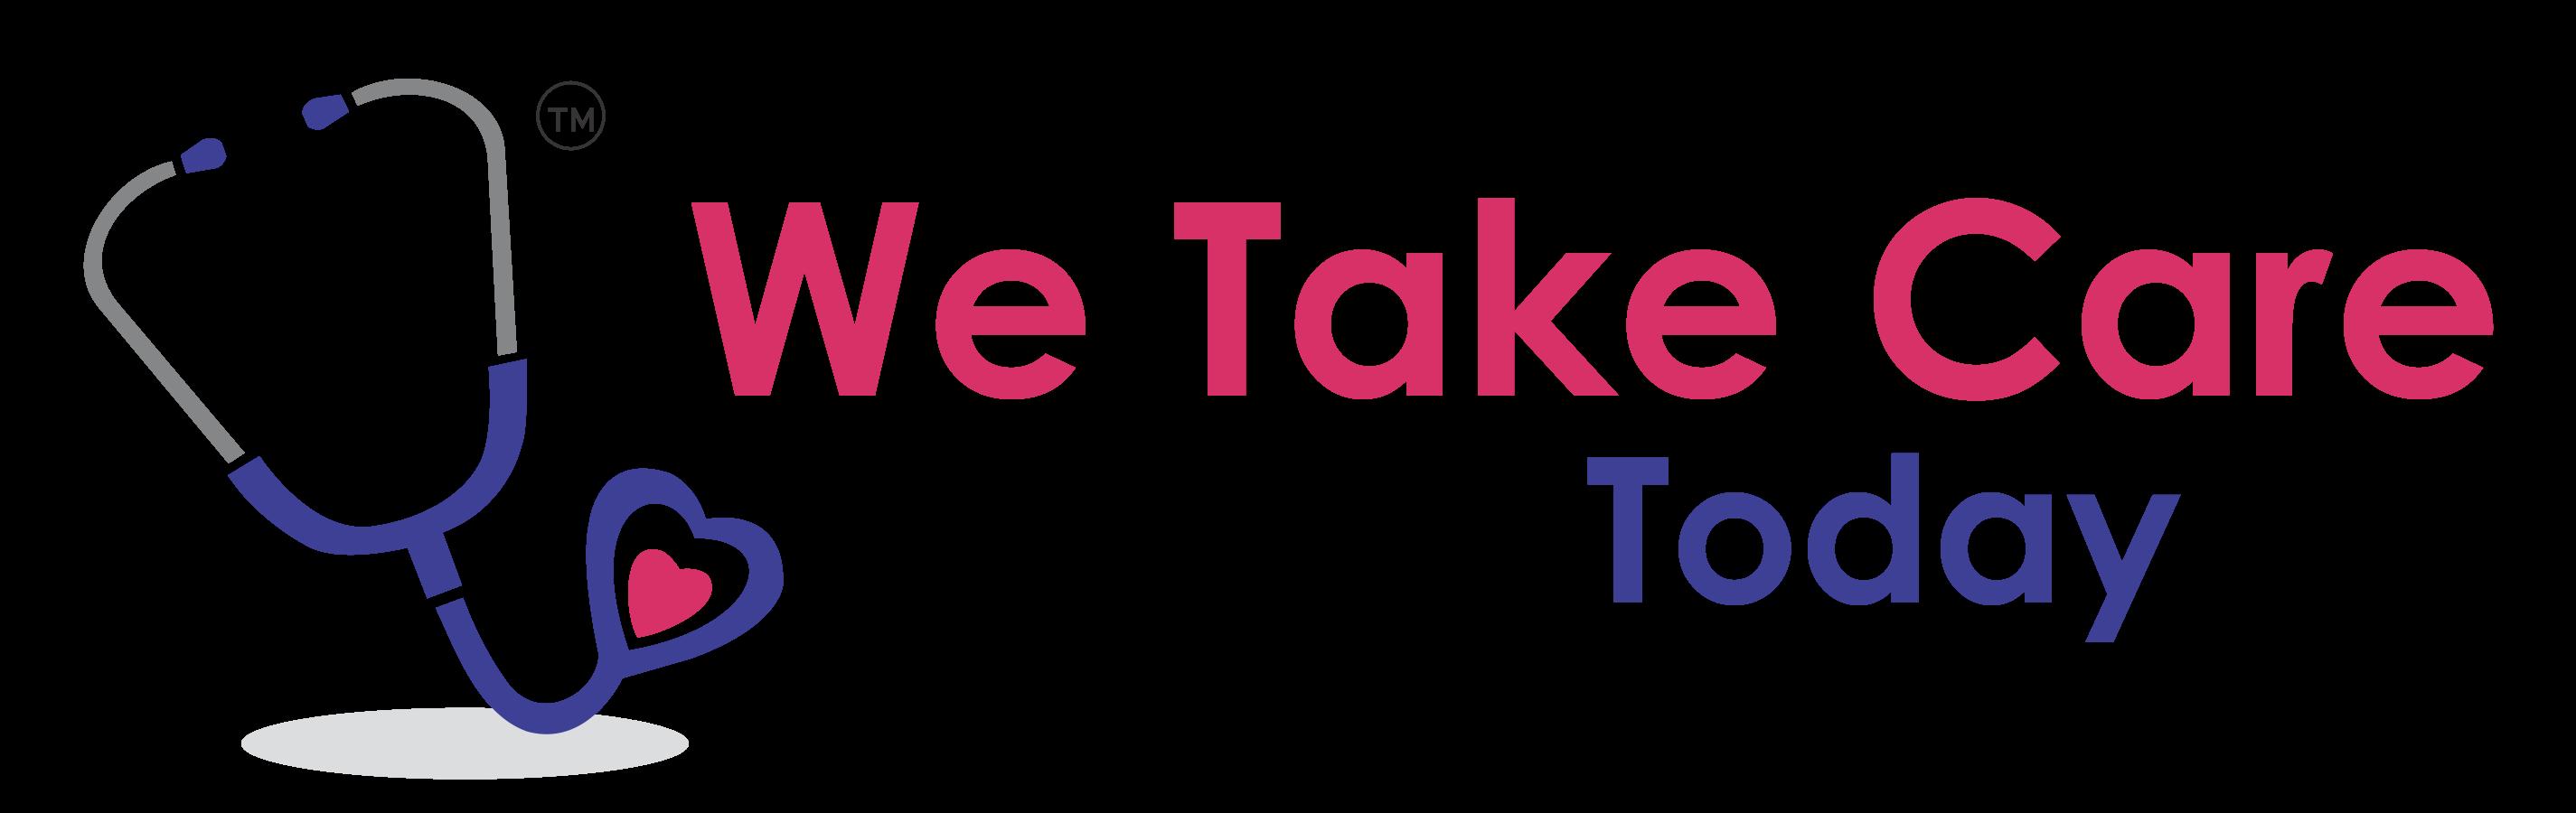 We Take Care